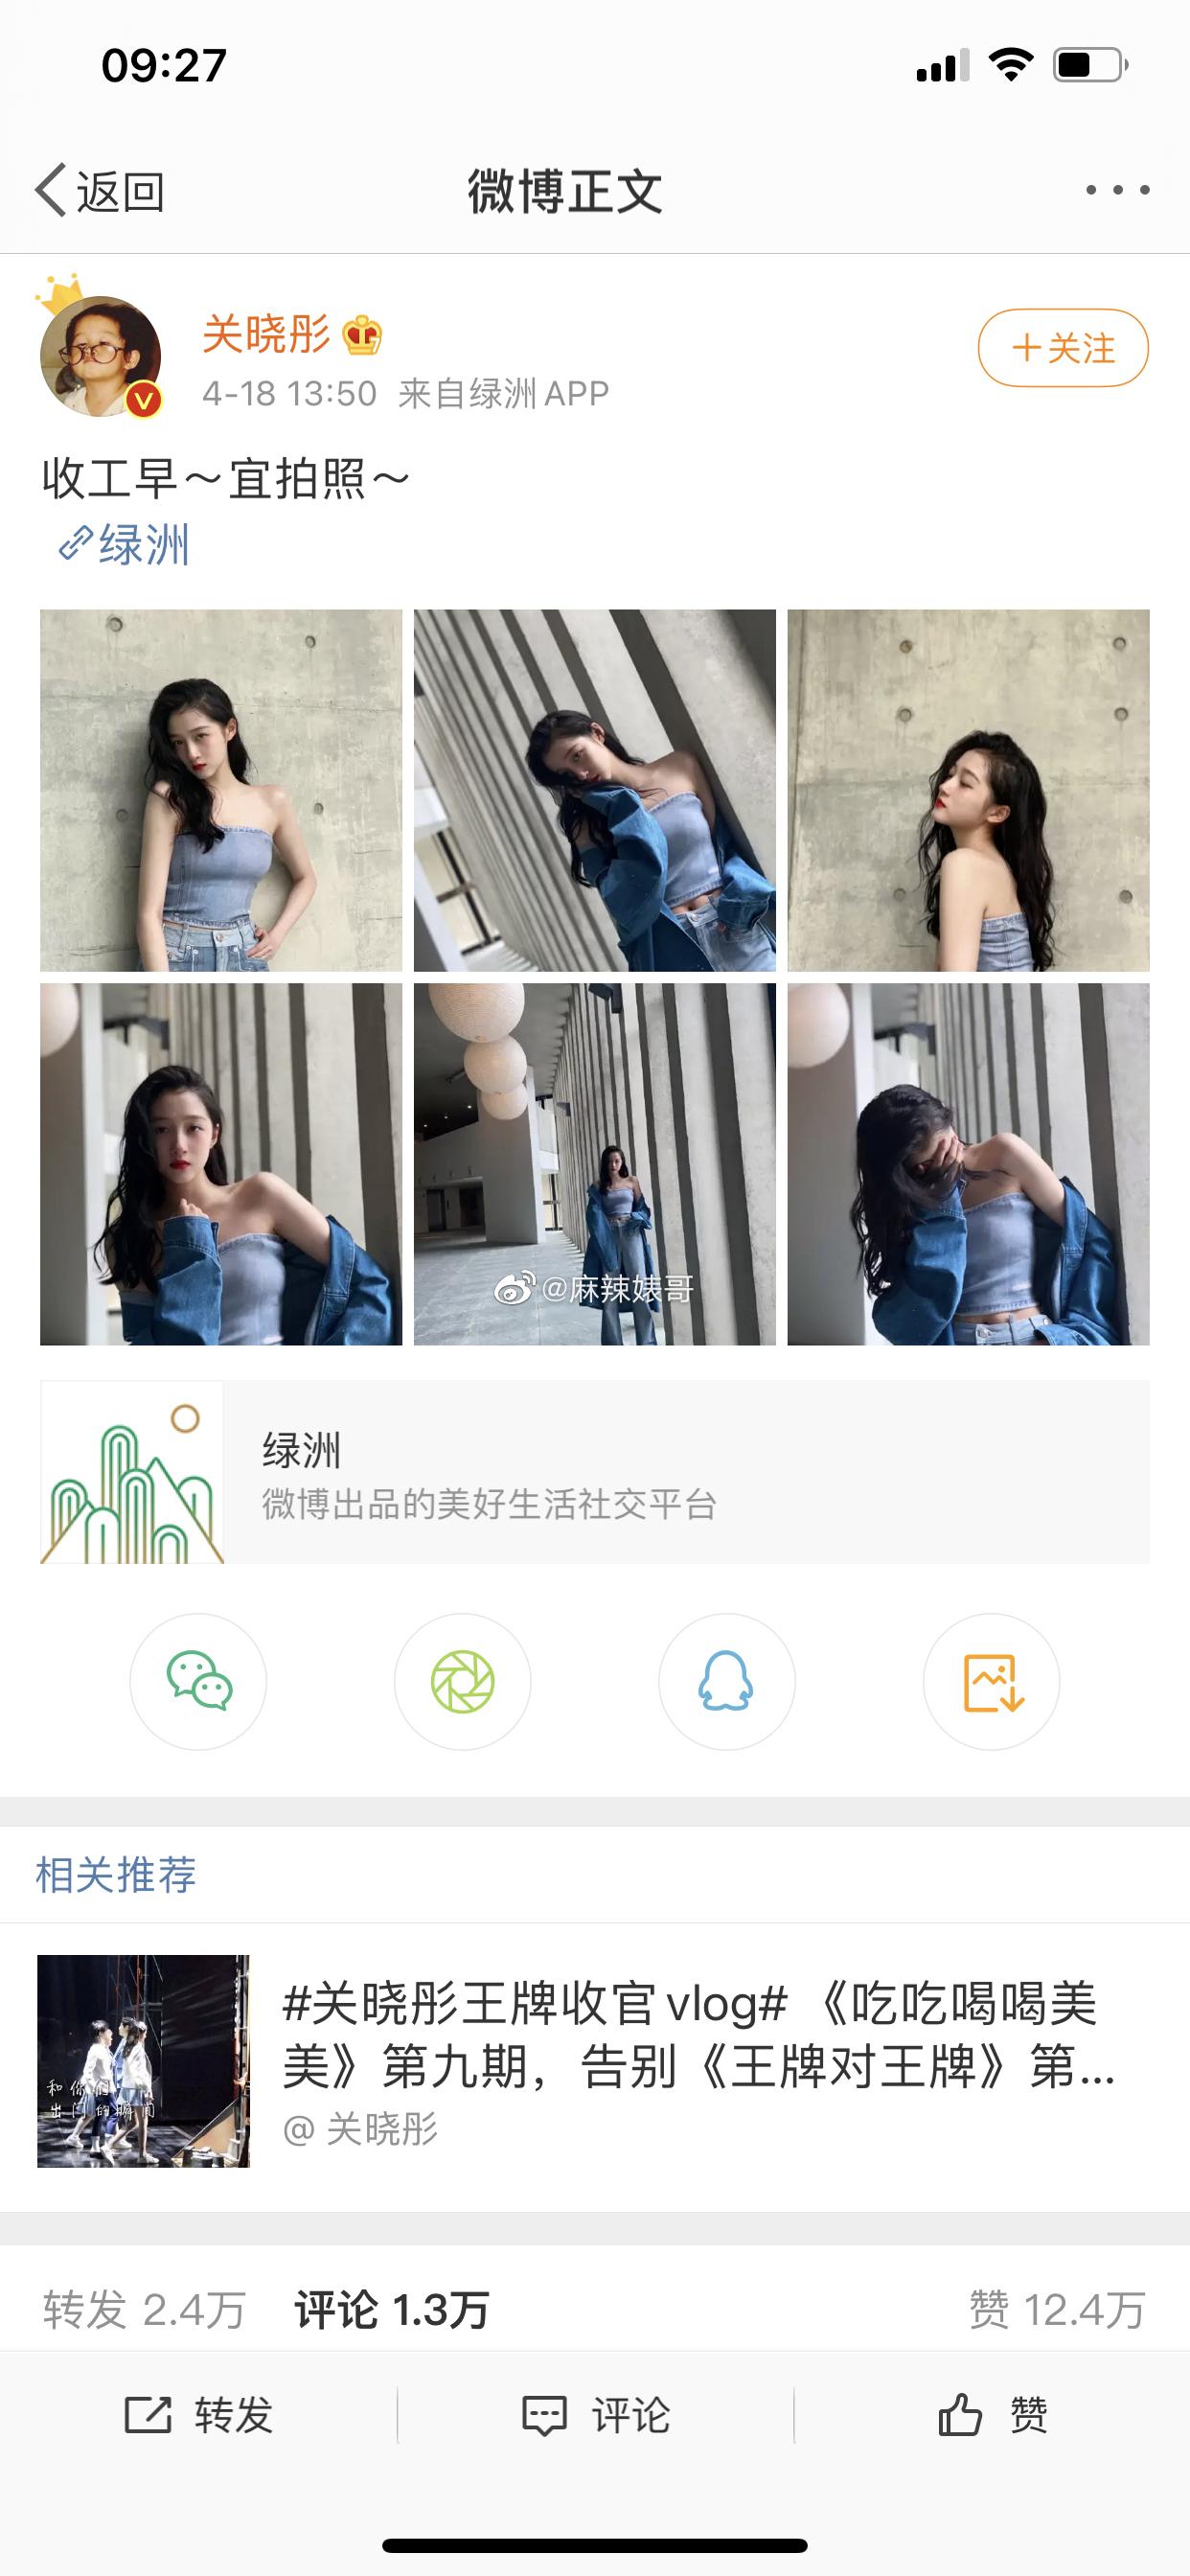 鹿晗31岁生日关晓彤没发祝福 一鹿彤行关系微妙!